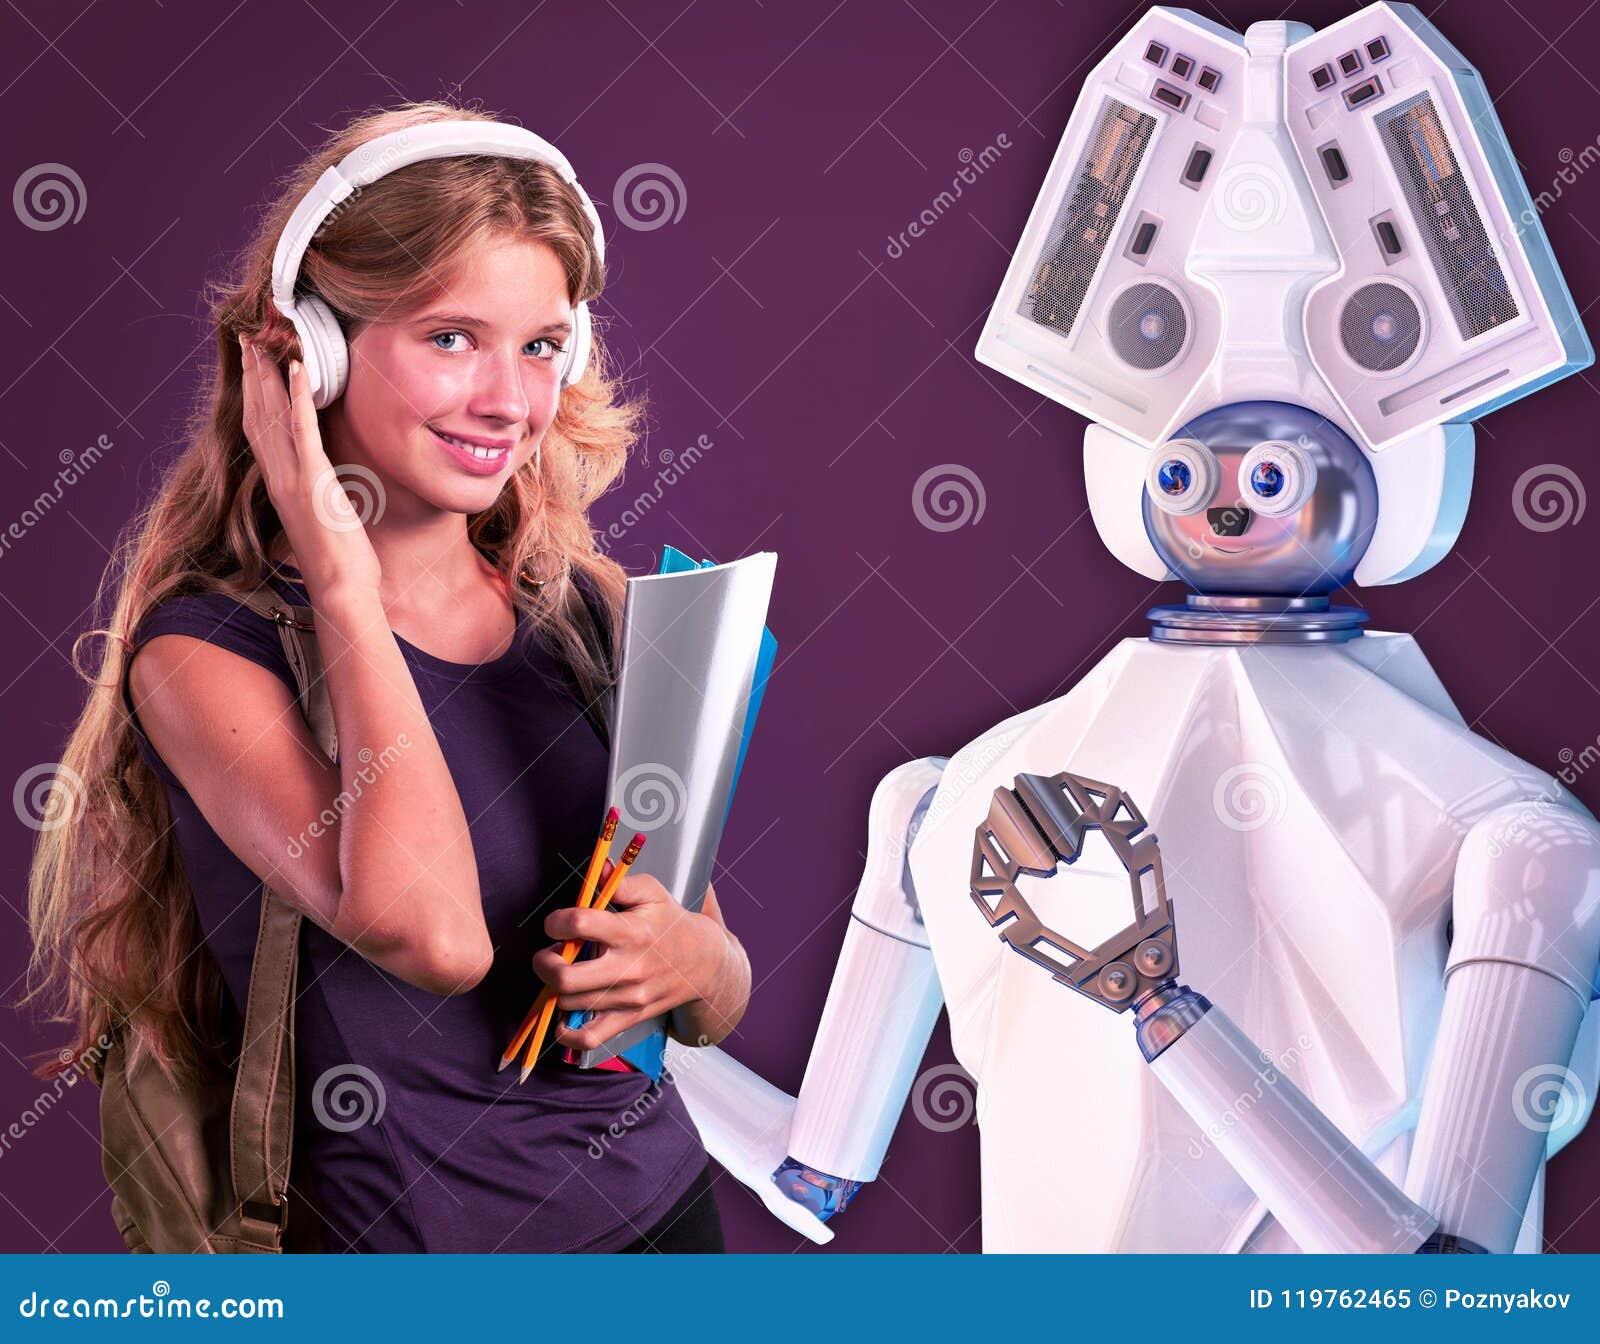 Robotleraar voor jong geitje Wit plastic ai robotachtig apparaat